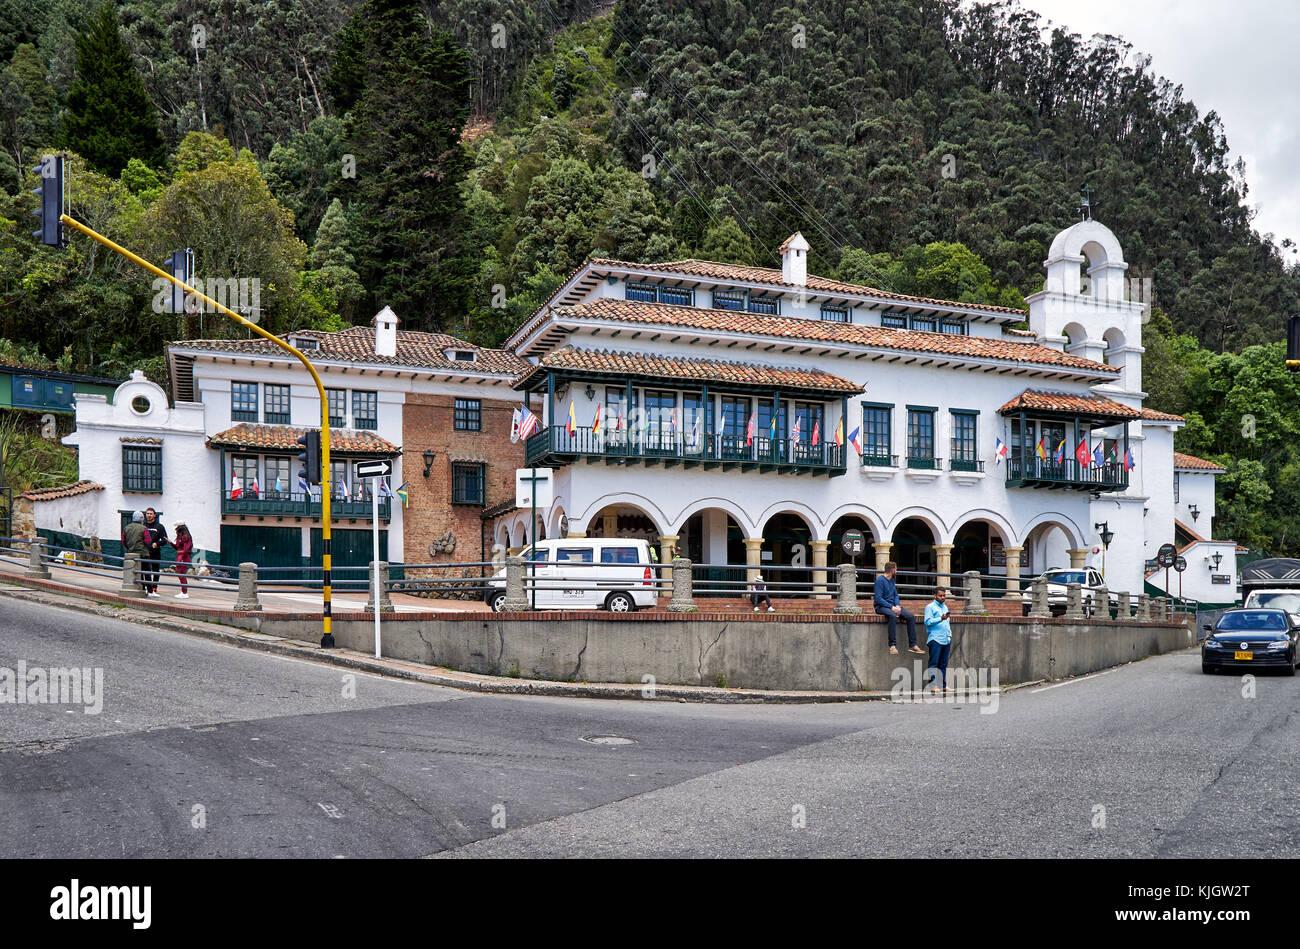 Terminale inferiore della funivia per il Cerro de Monserrate, Bogotà, Colombia, Sud America Immagini Stock